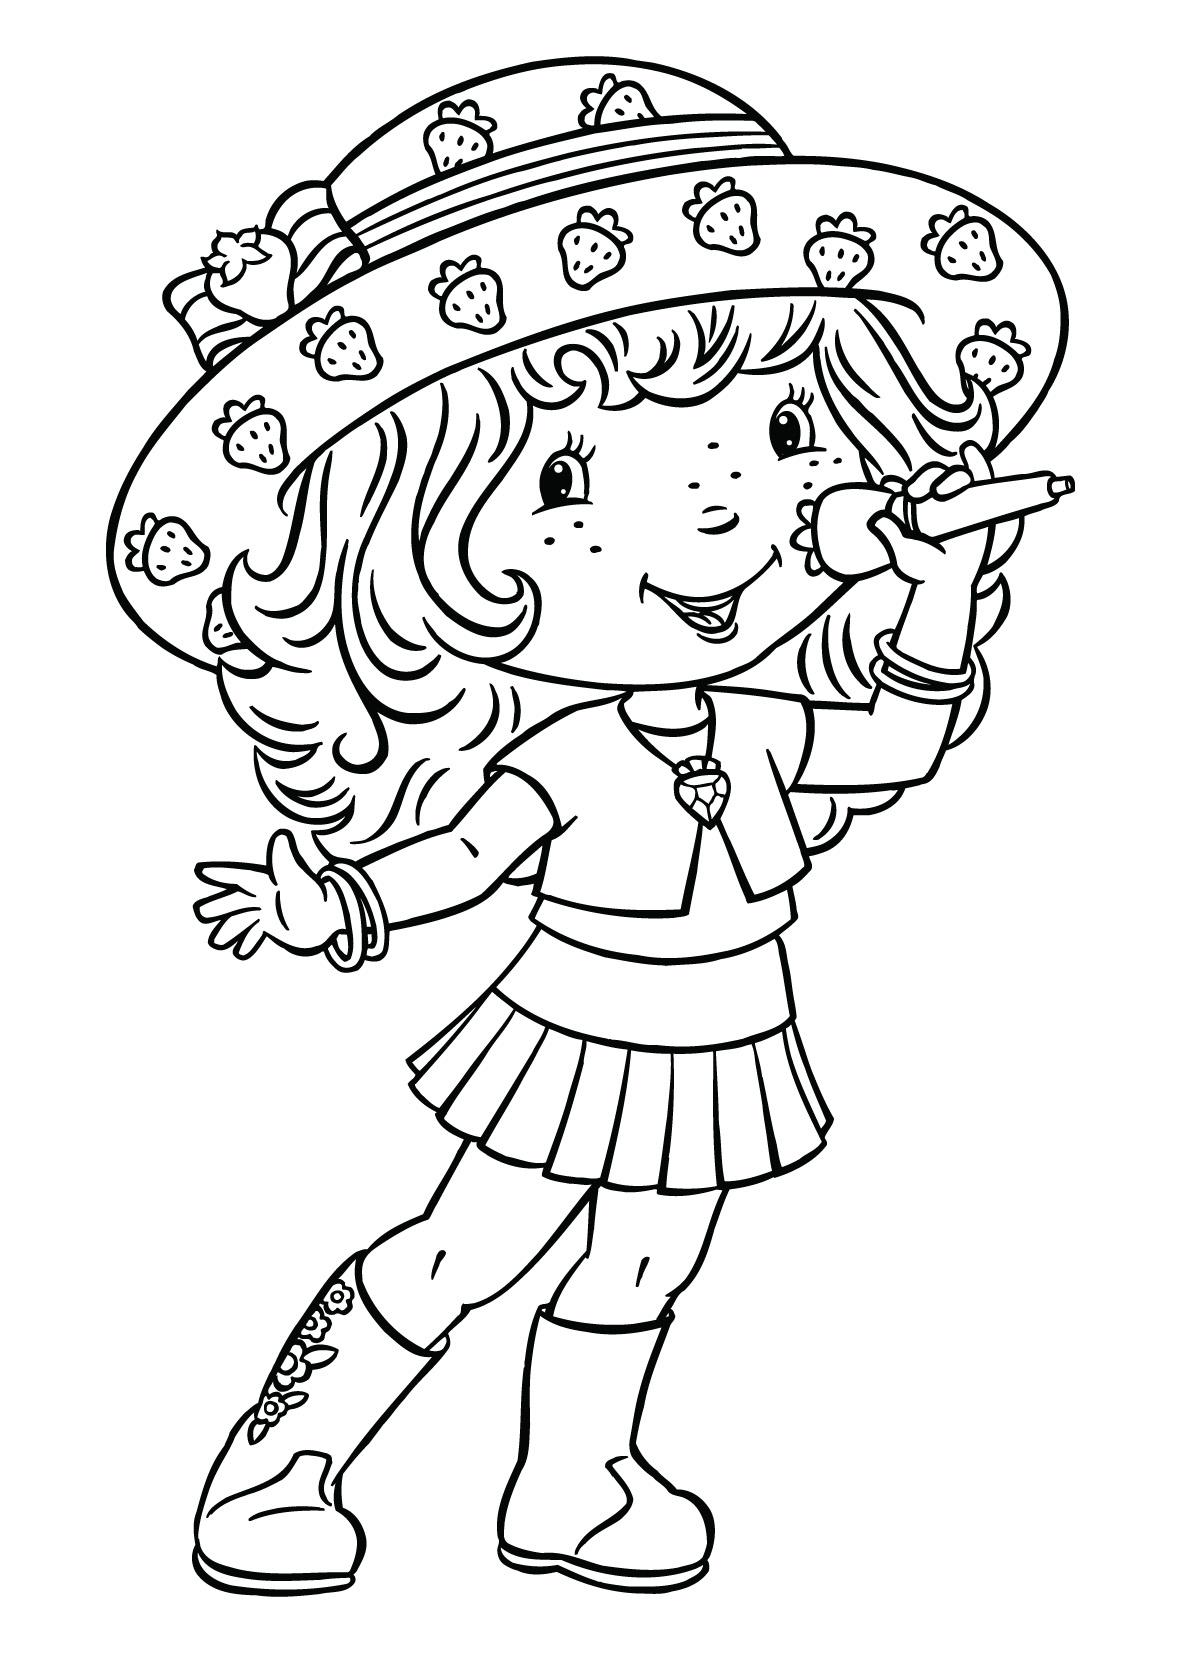 Worksheet. Dibujos para imprimir de frutillita y sus amigas  Imagui